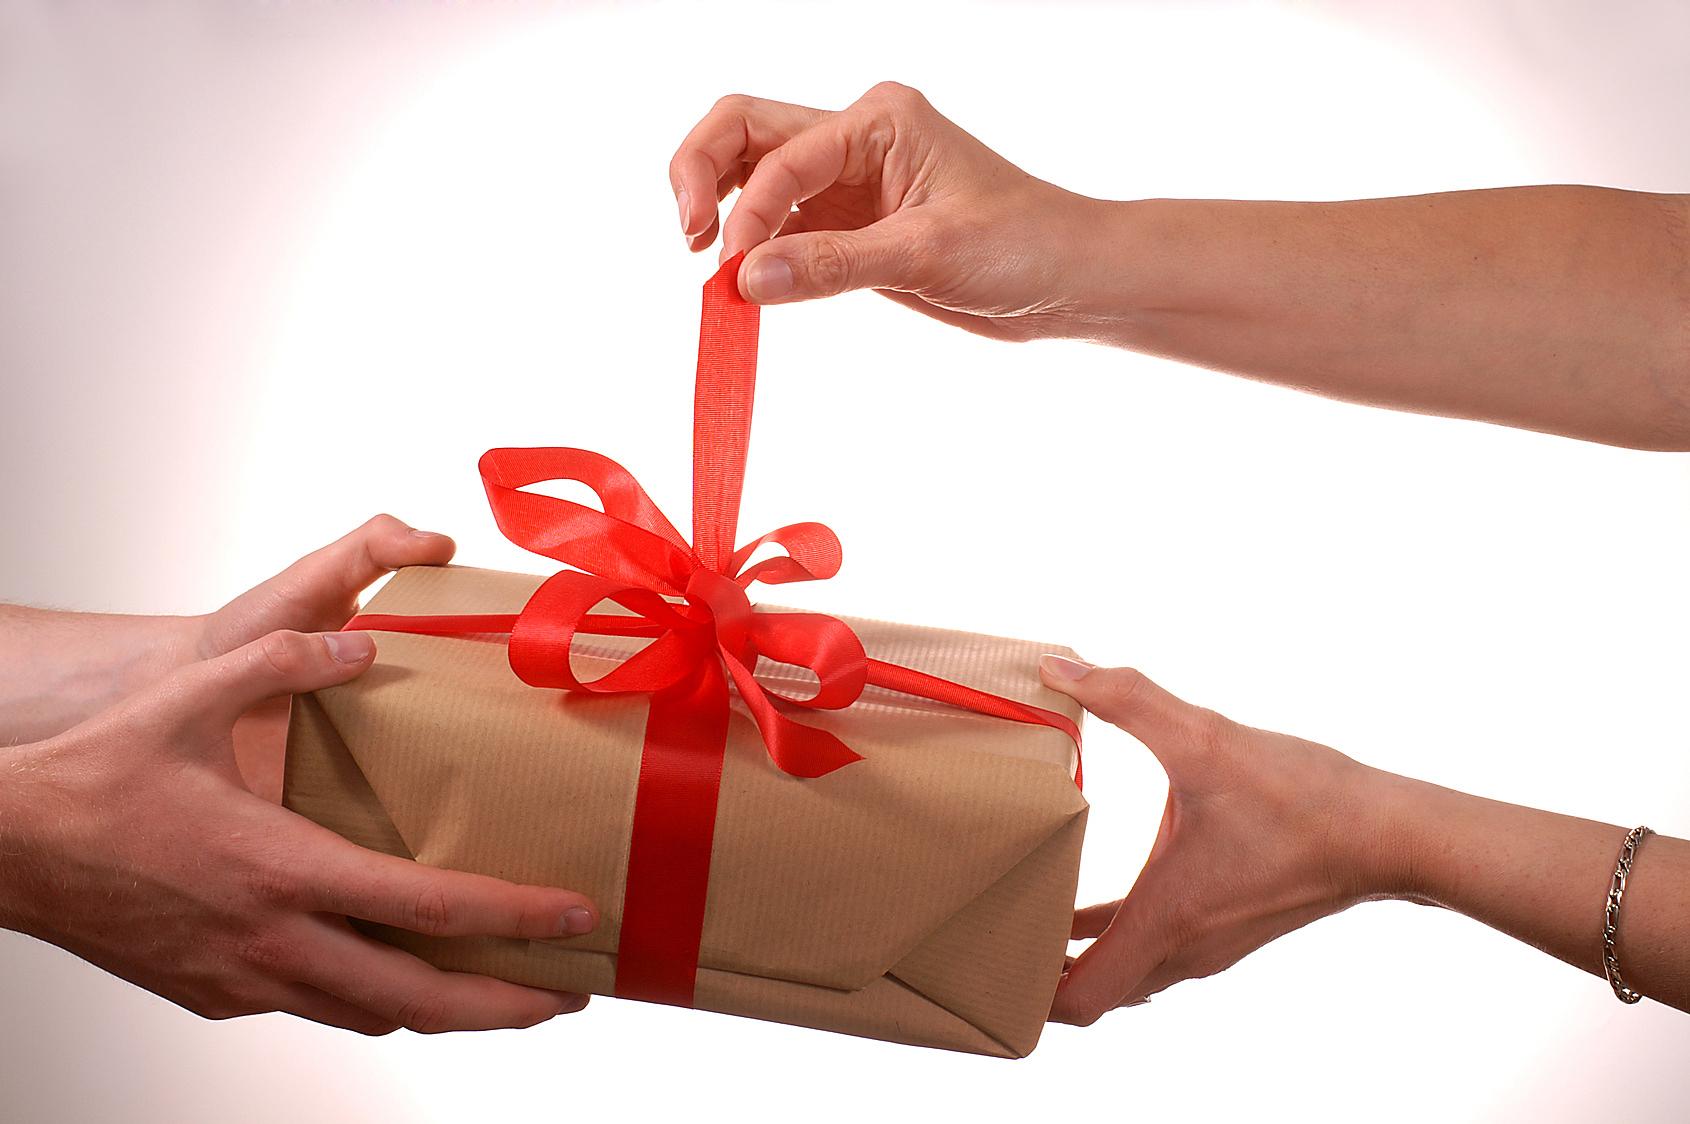 Подарок 43 летней женщине